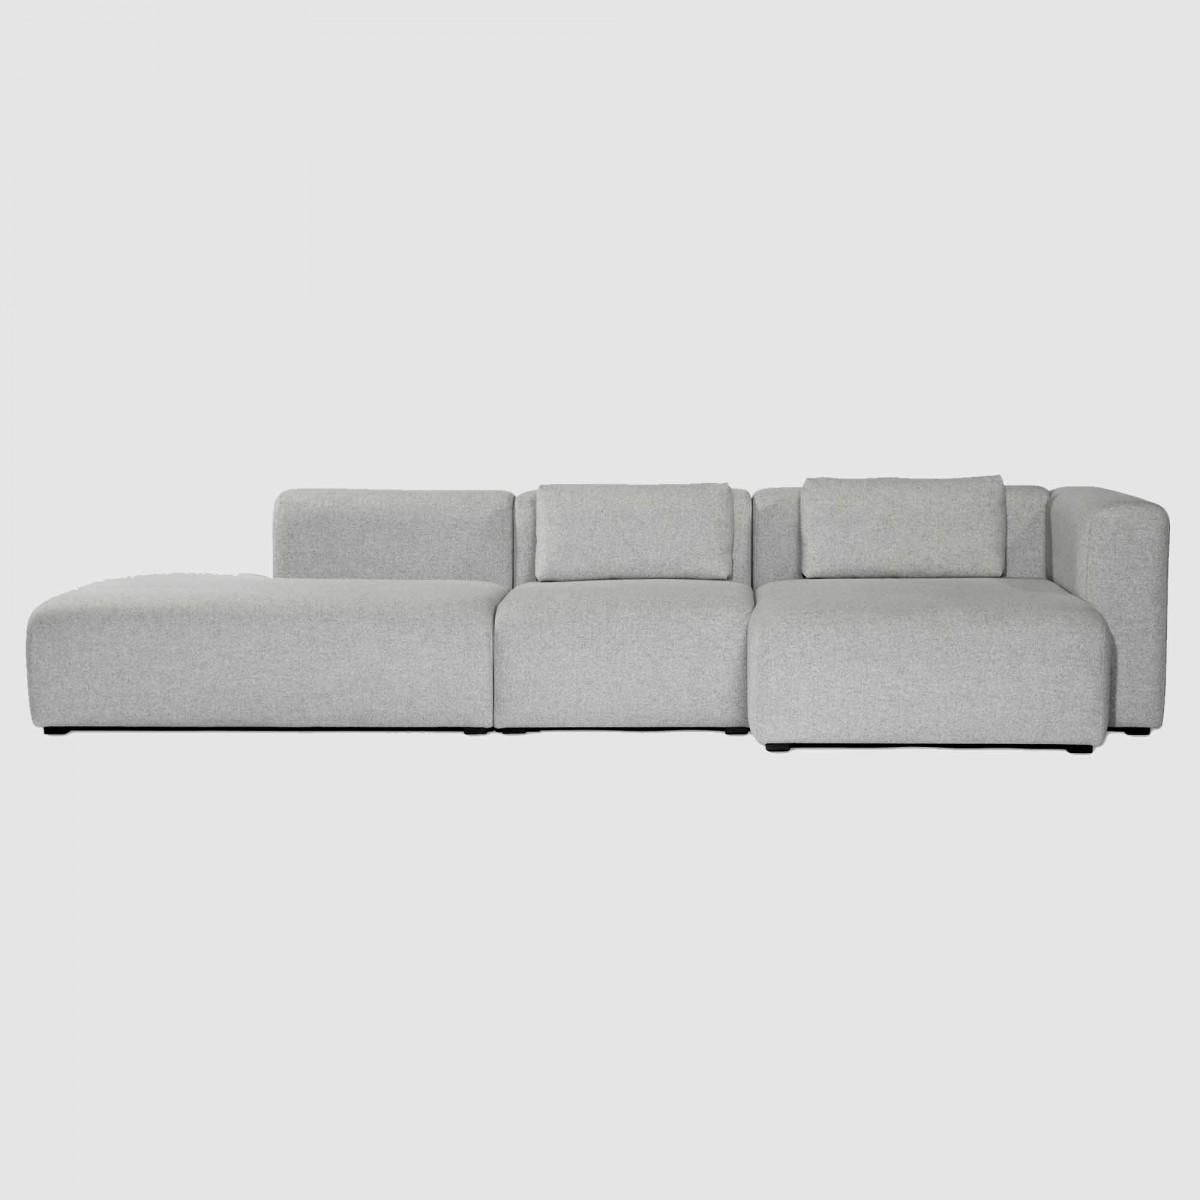 hay sofa mags leder outdoor furniture brisbane divina melange 120